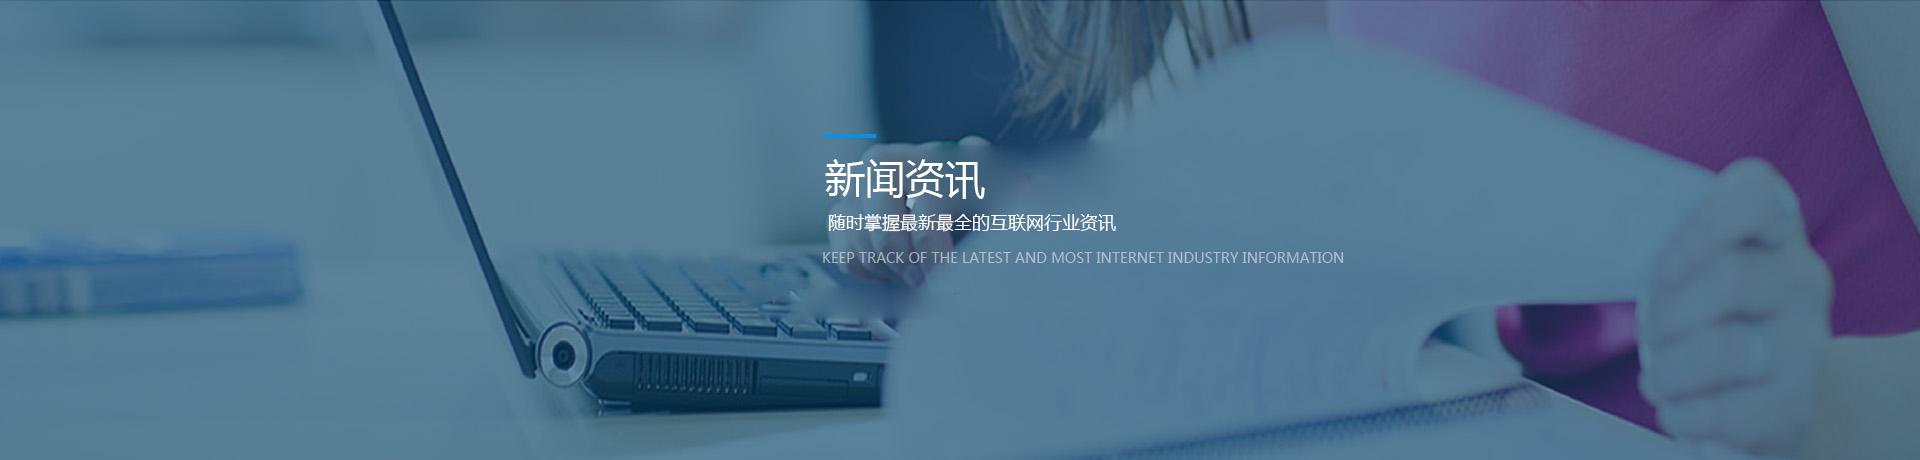 新闻资讯_亿飞网络新闻资讯页面banner